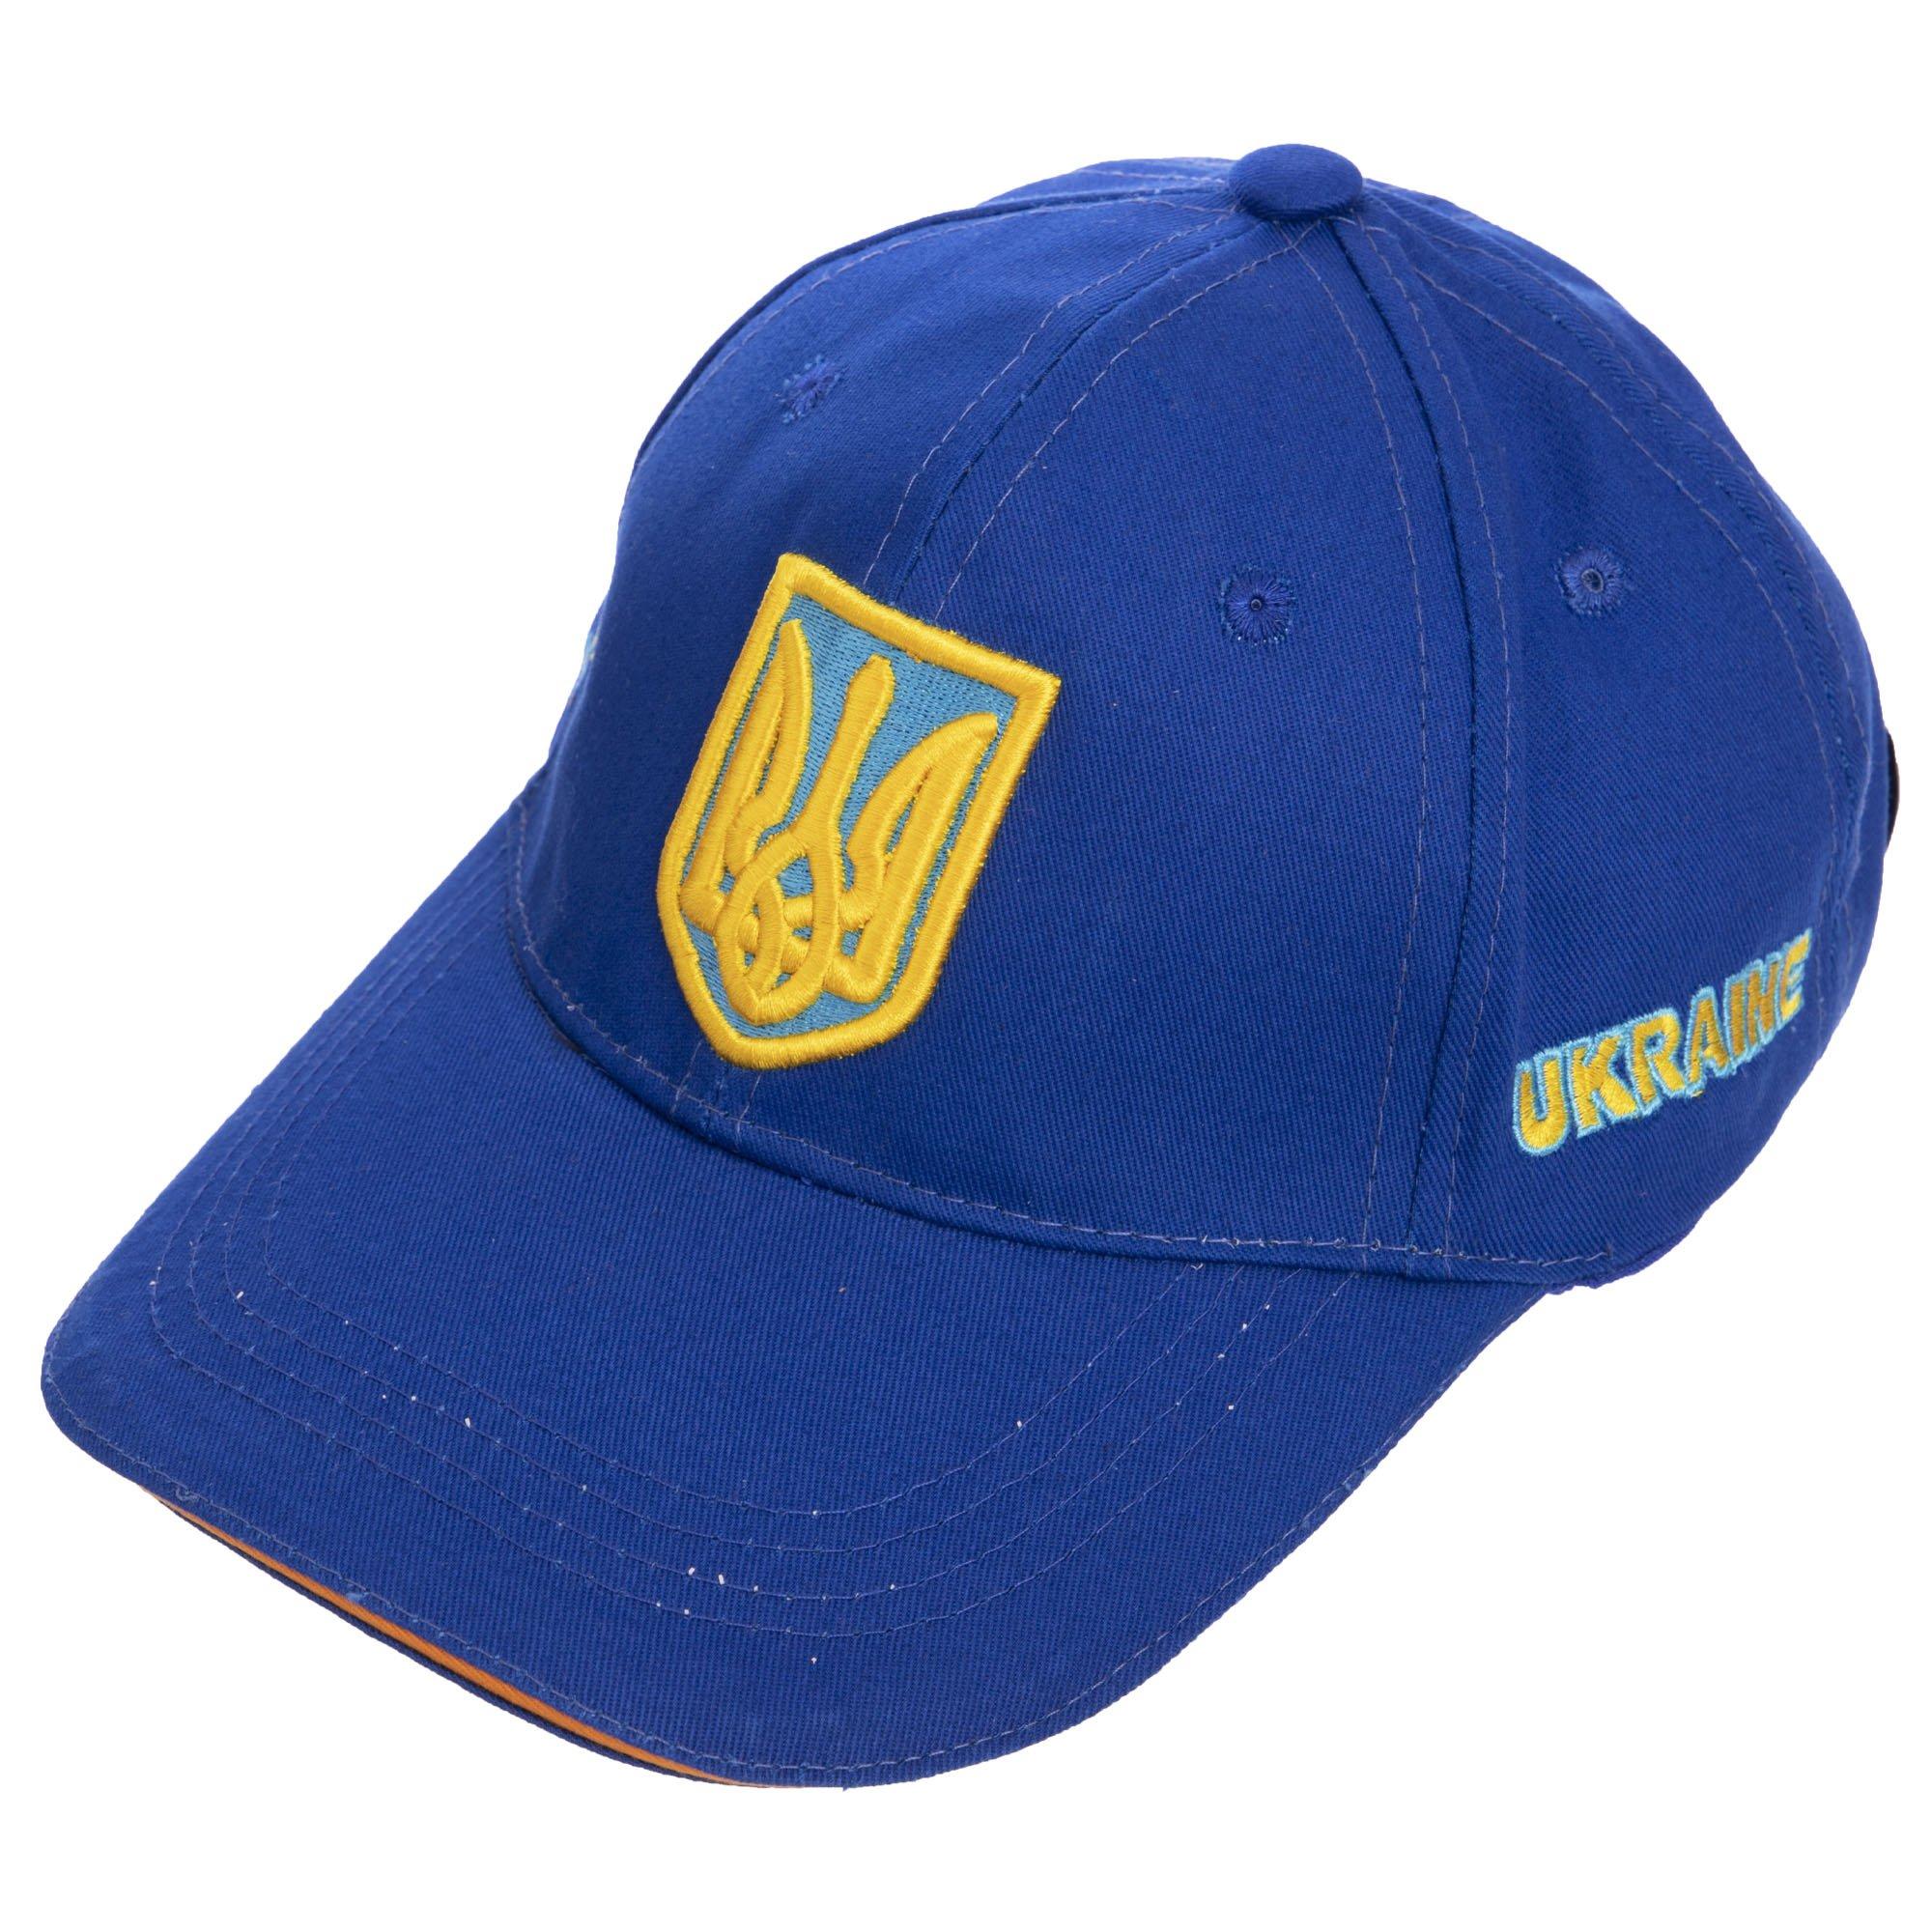 Кепка спортивная (бейсболка) детская Украина (хлопок, размер 54-55см, синий-желтый)